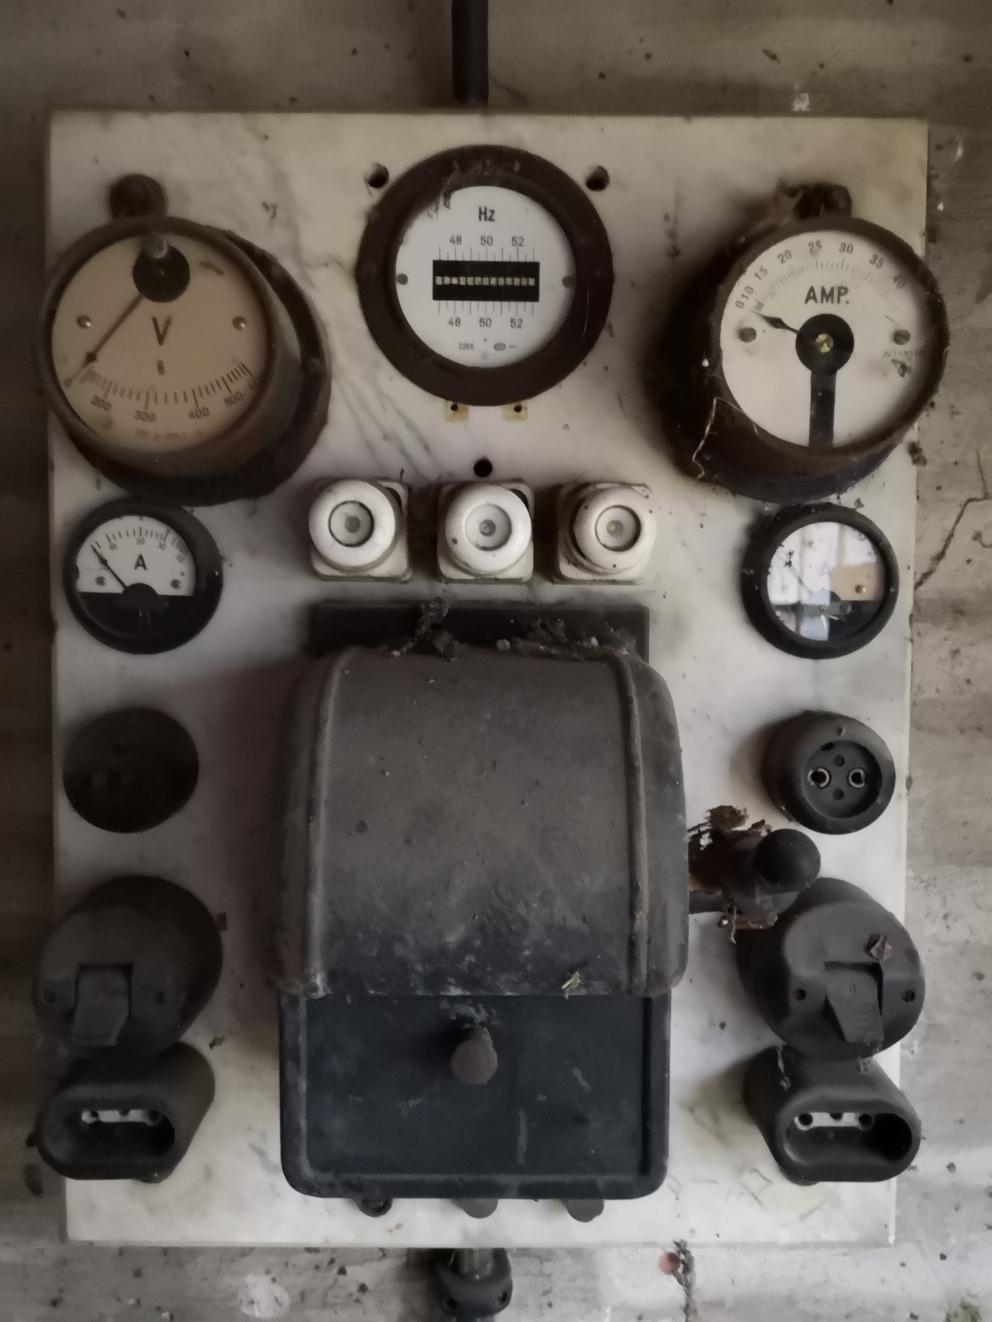 Keine Sorge, die Stromverteilung ist ziemlich neu - aber wer kann solche Instrumente schon sein eigen nennen!